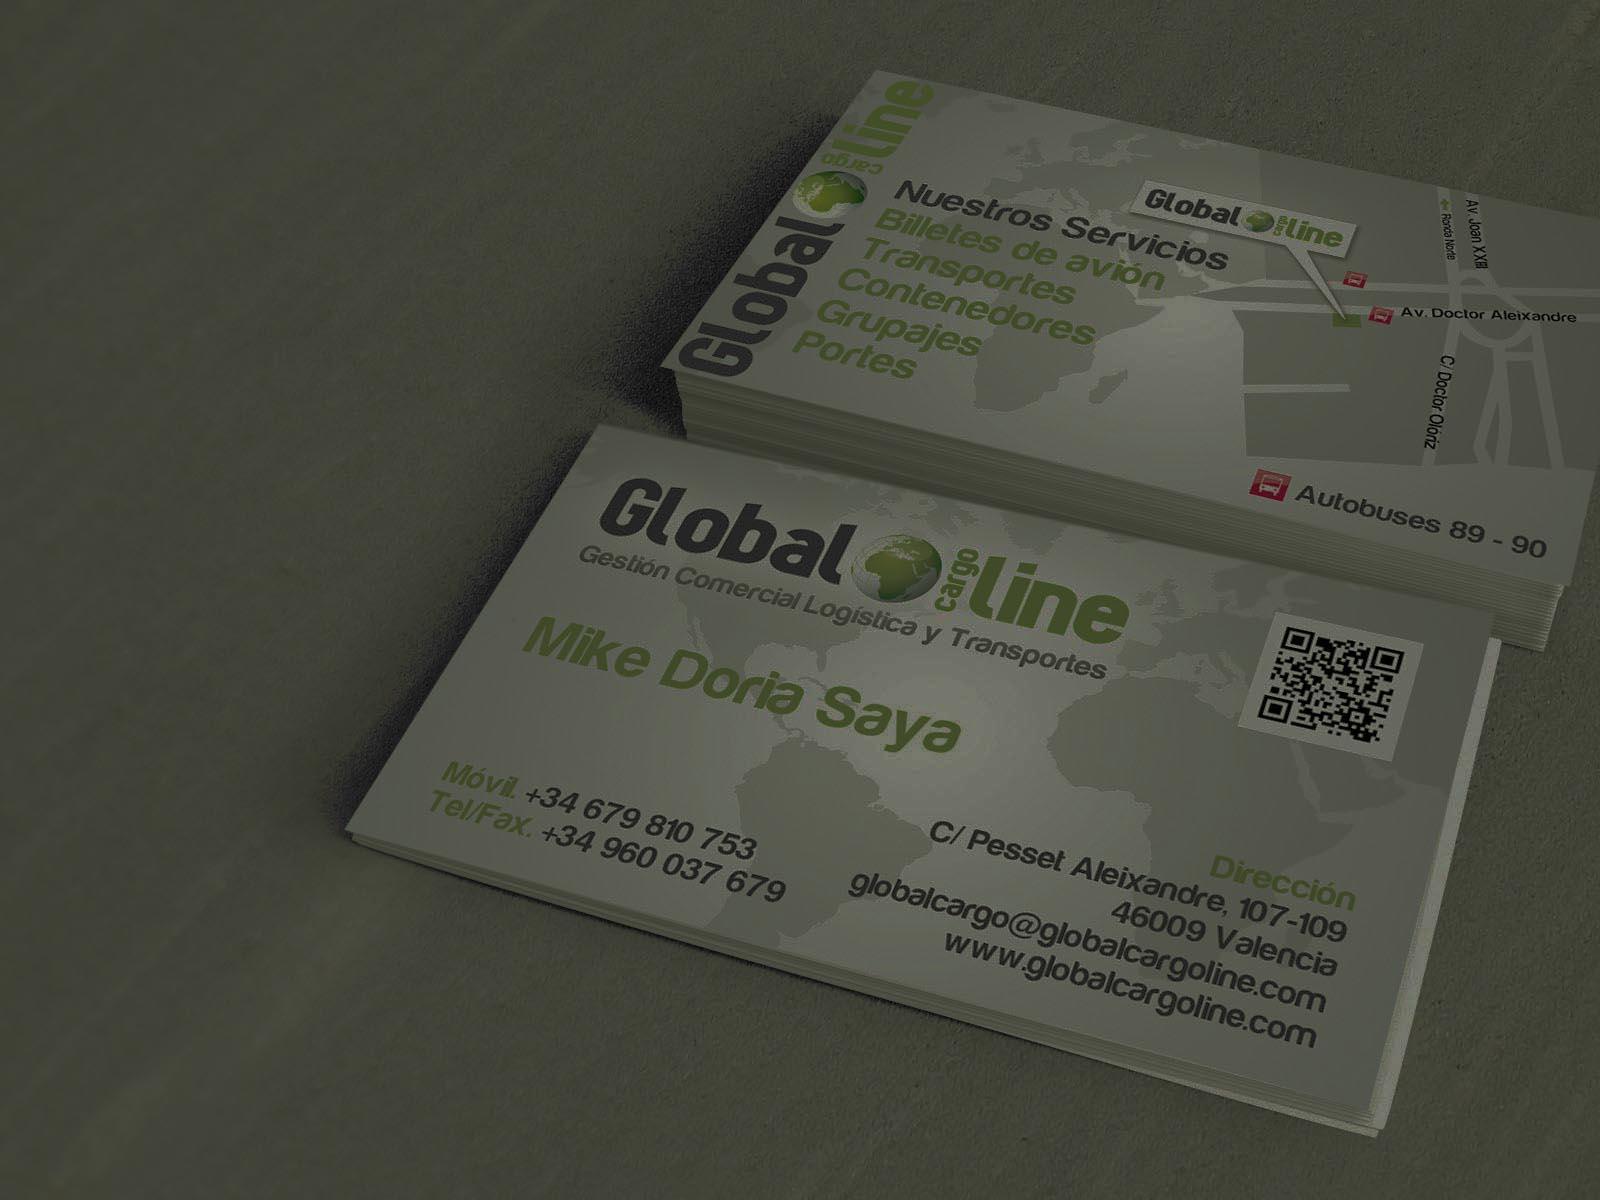 GLOBAL CARGO LINE TARJETAS DE VISITA